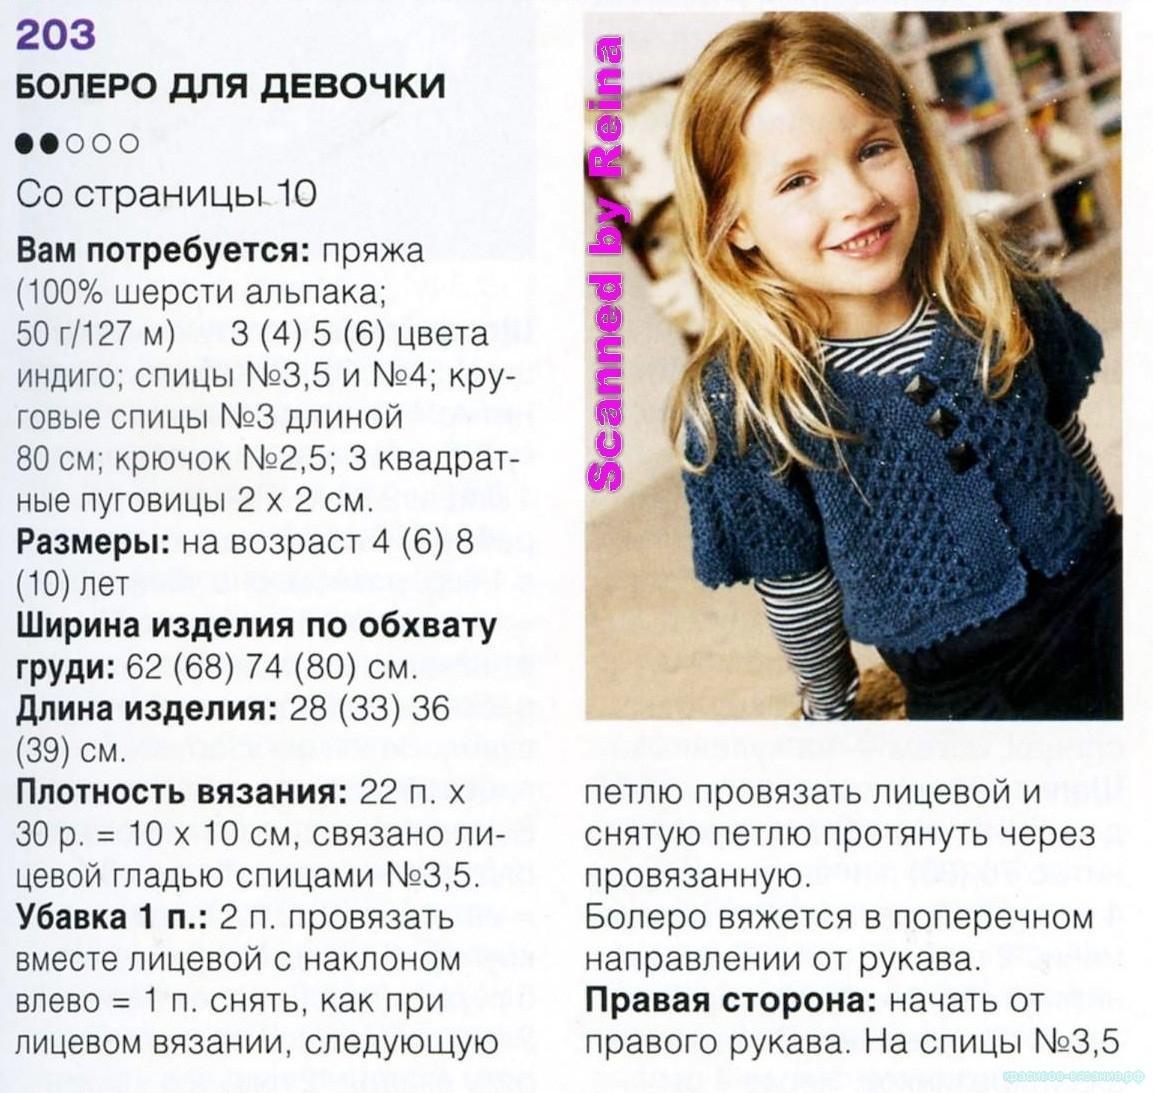 фото азовского моря дети